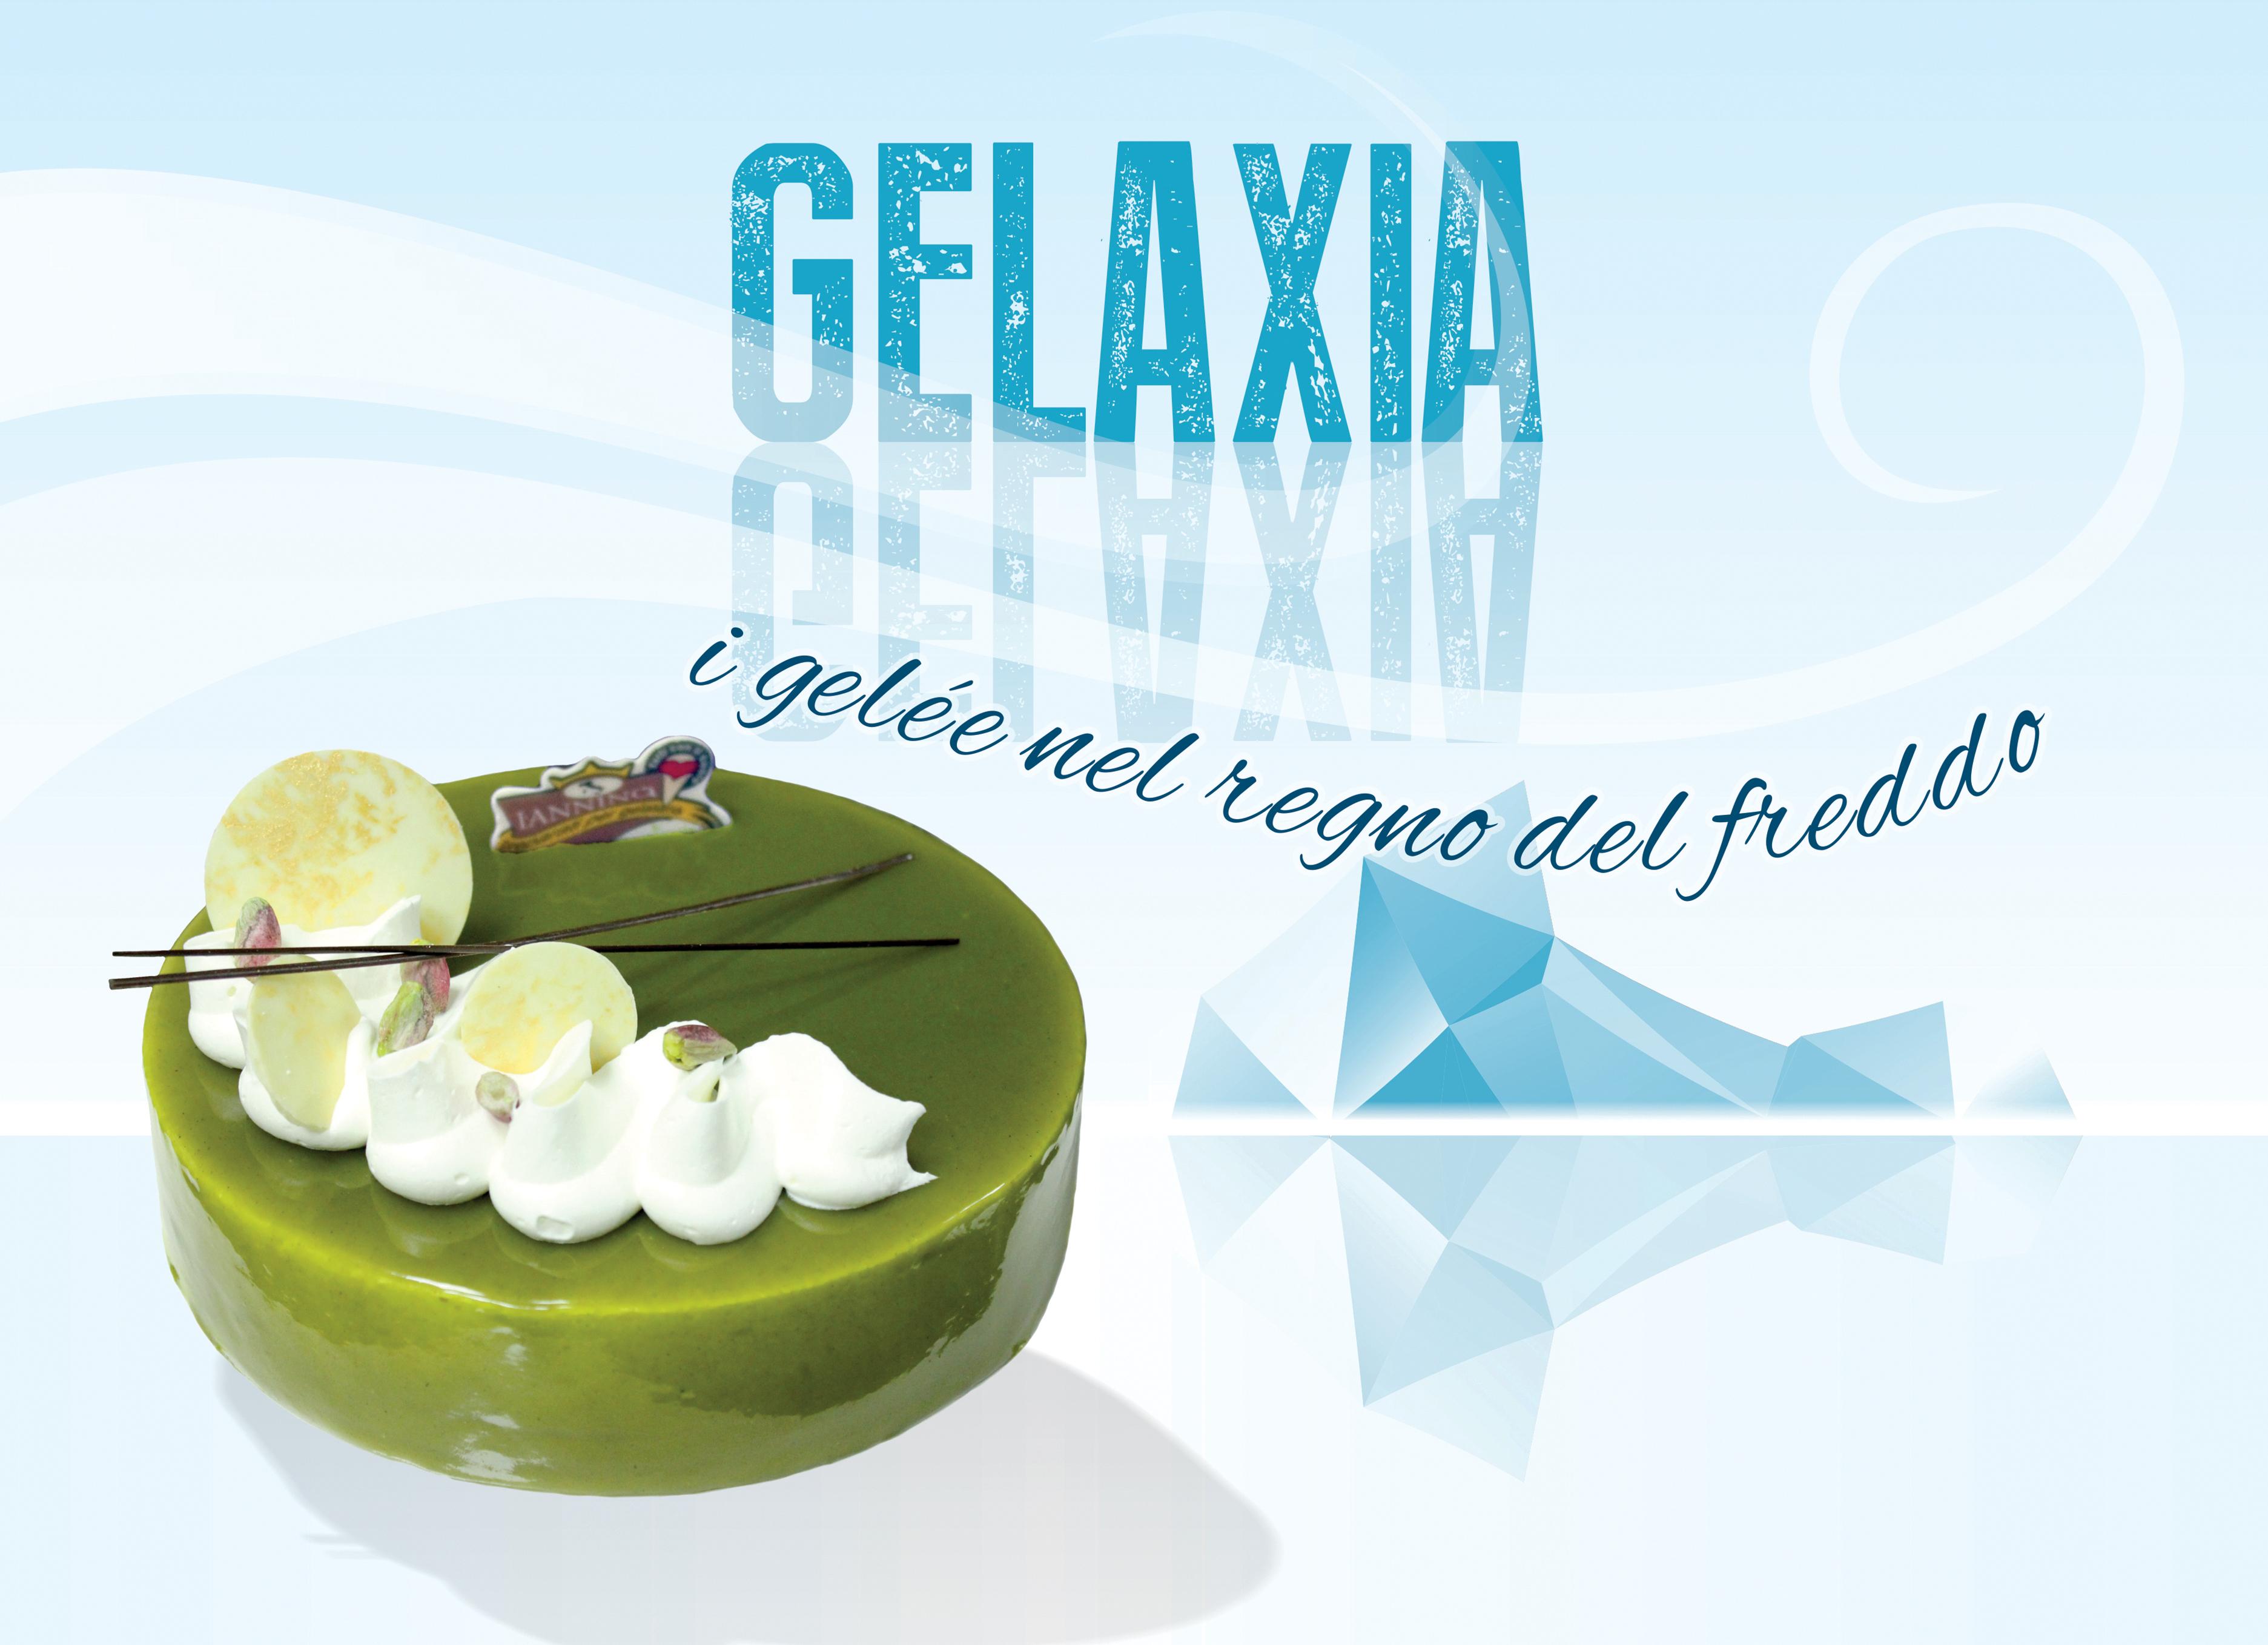 Articolo-Gelaxia-i-gelè-nel-regno-del-freddo